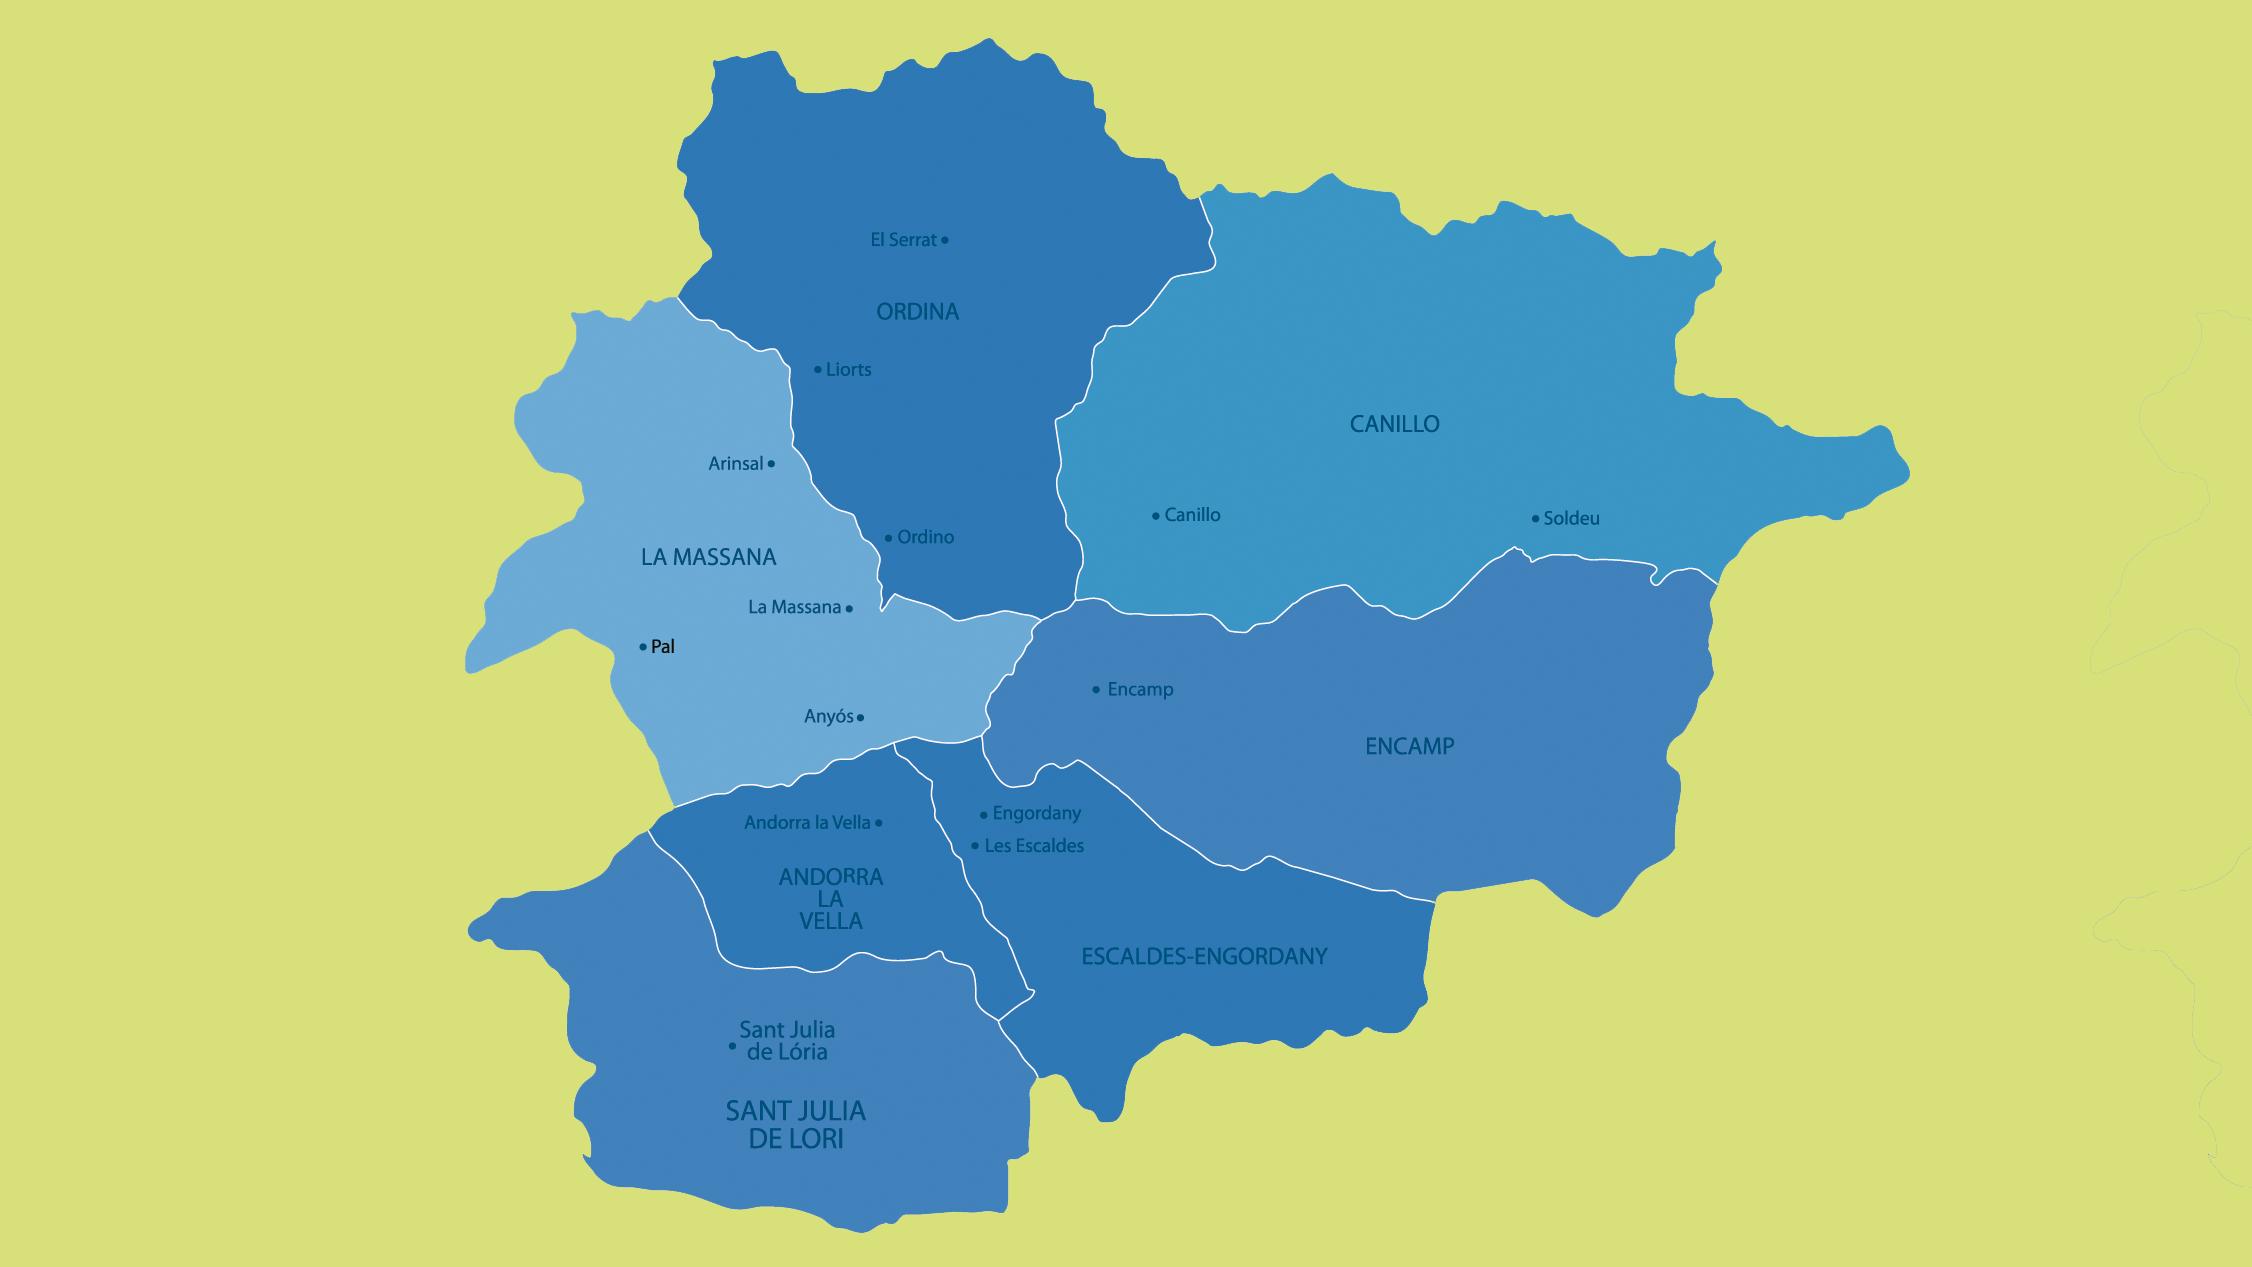 Mapa político de Andorra